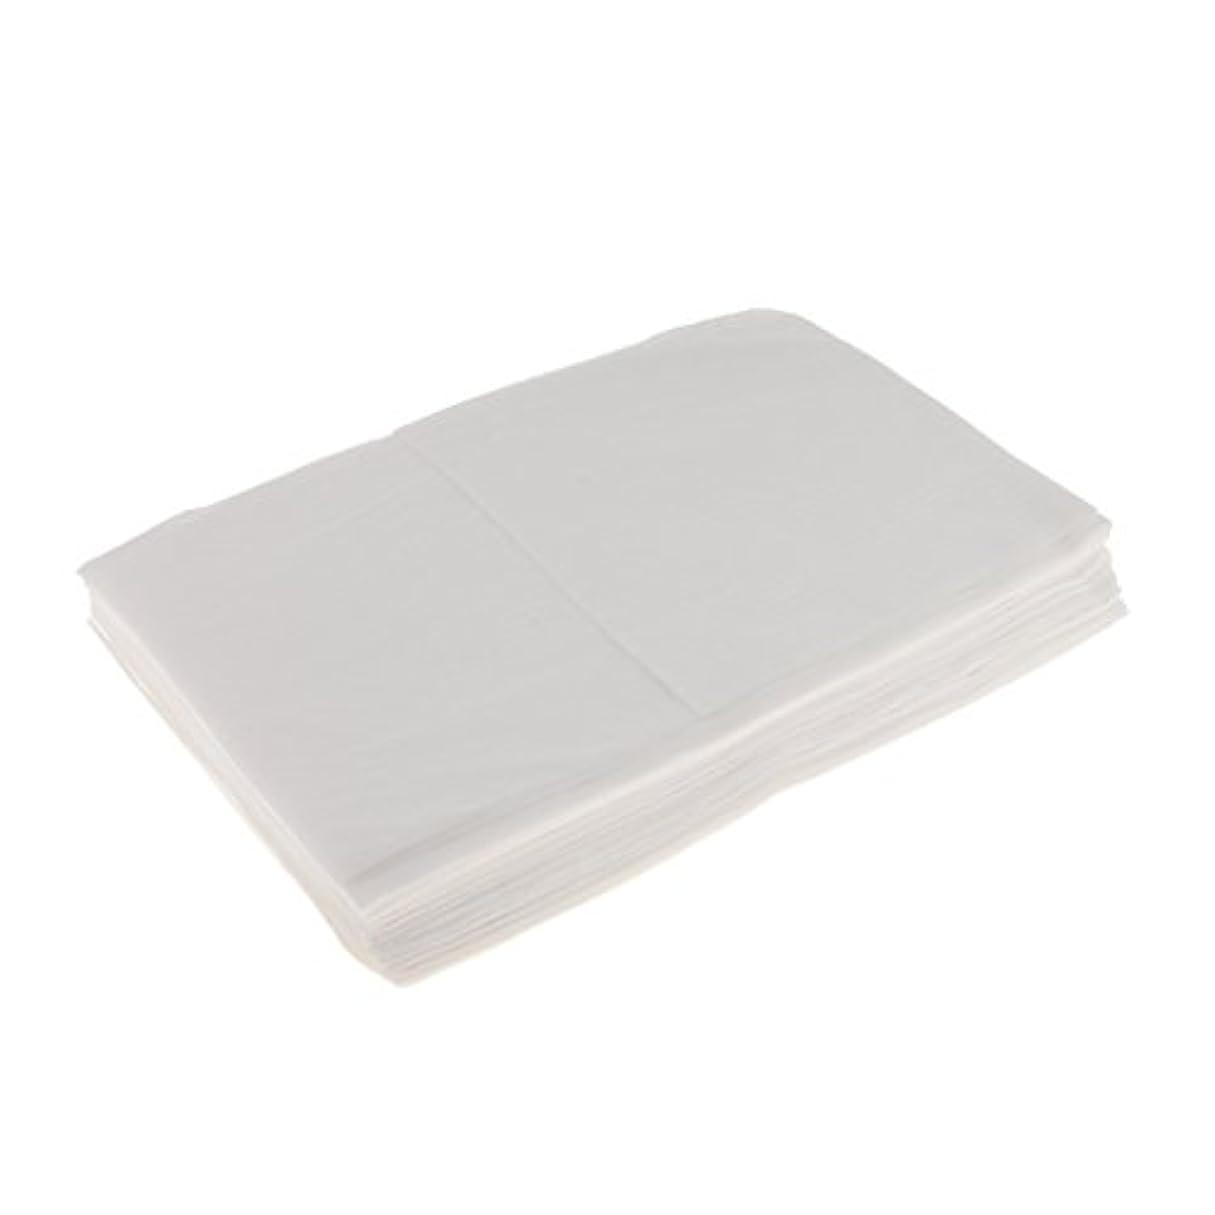 商品難破船定規Perfk 10枚 使い捨て ベッドシーツ 美容 マッサージ サロン ホテル ベッドパッド カバー シート 2色選べ - 白